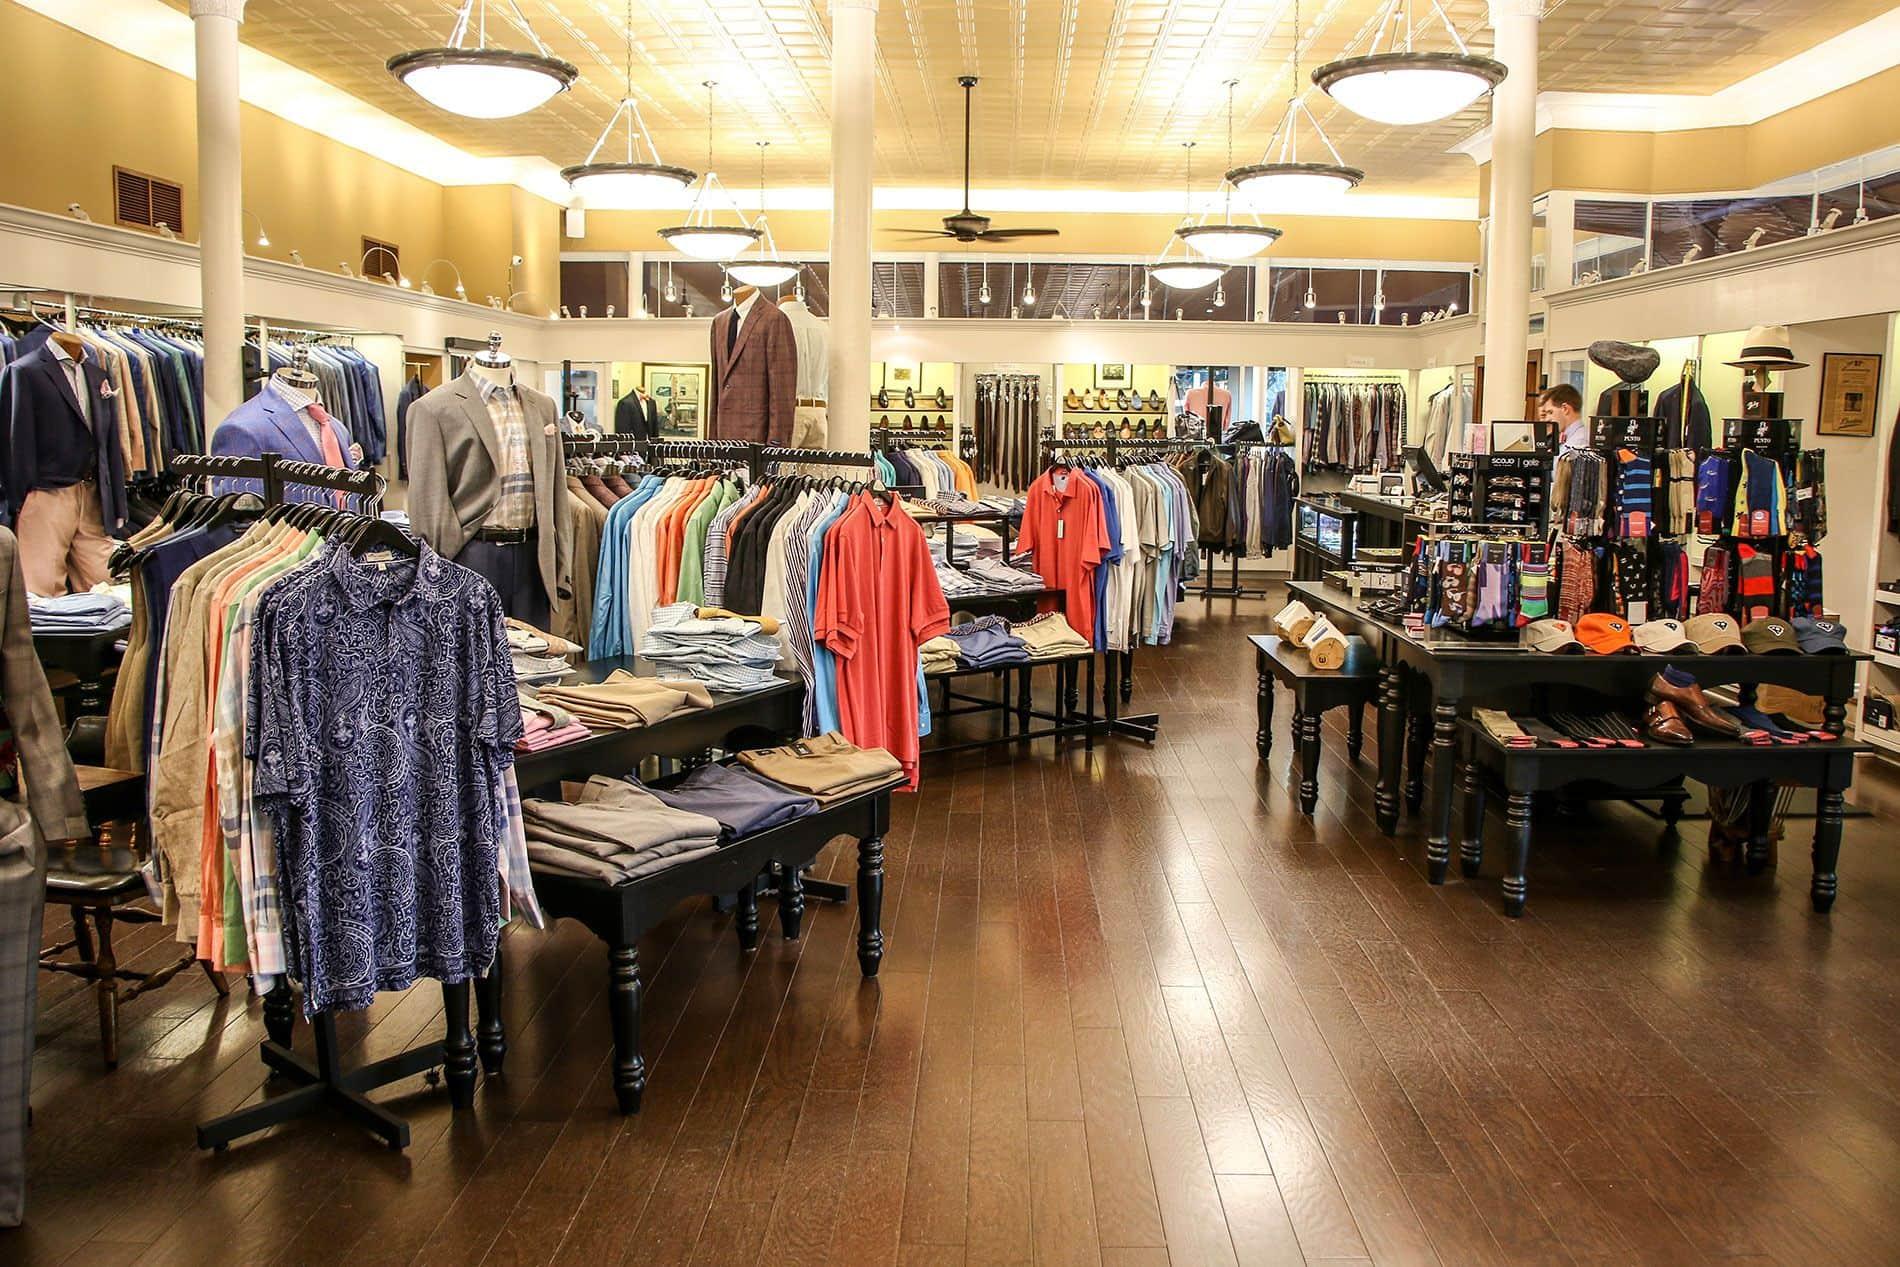 Mở shop quần áo cần chuẩn bị những gì? Bán quần áo lãi bao nhiêu?